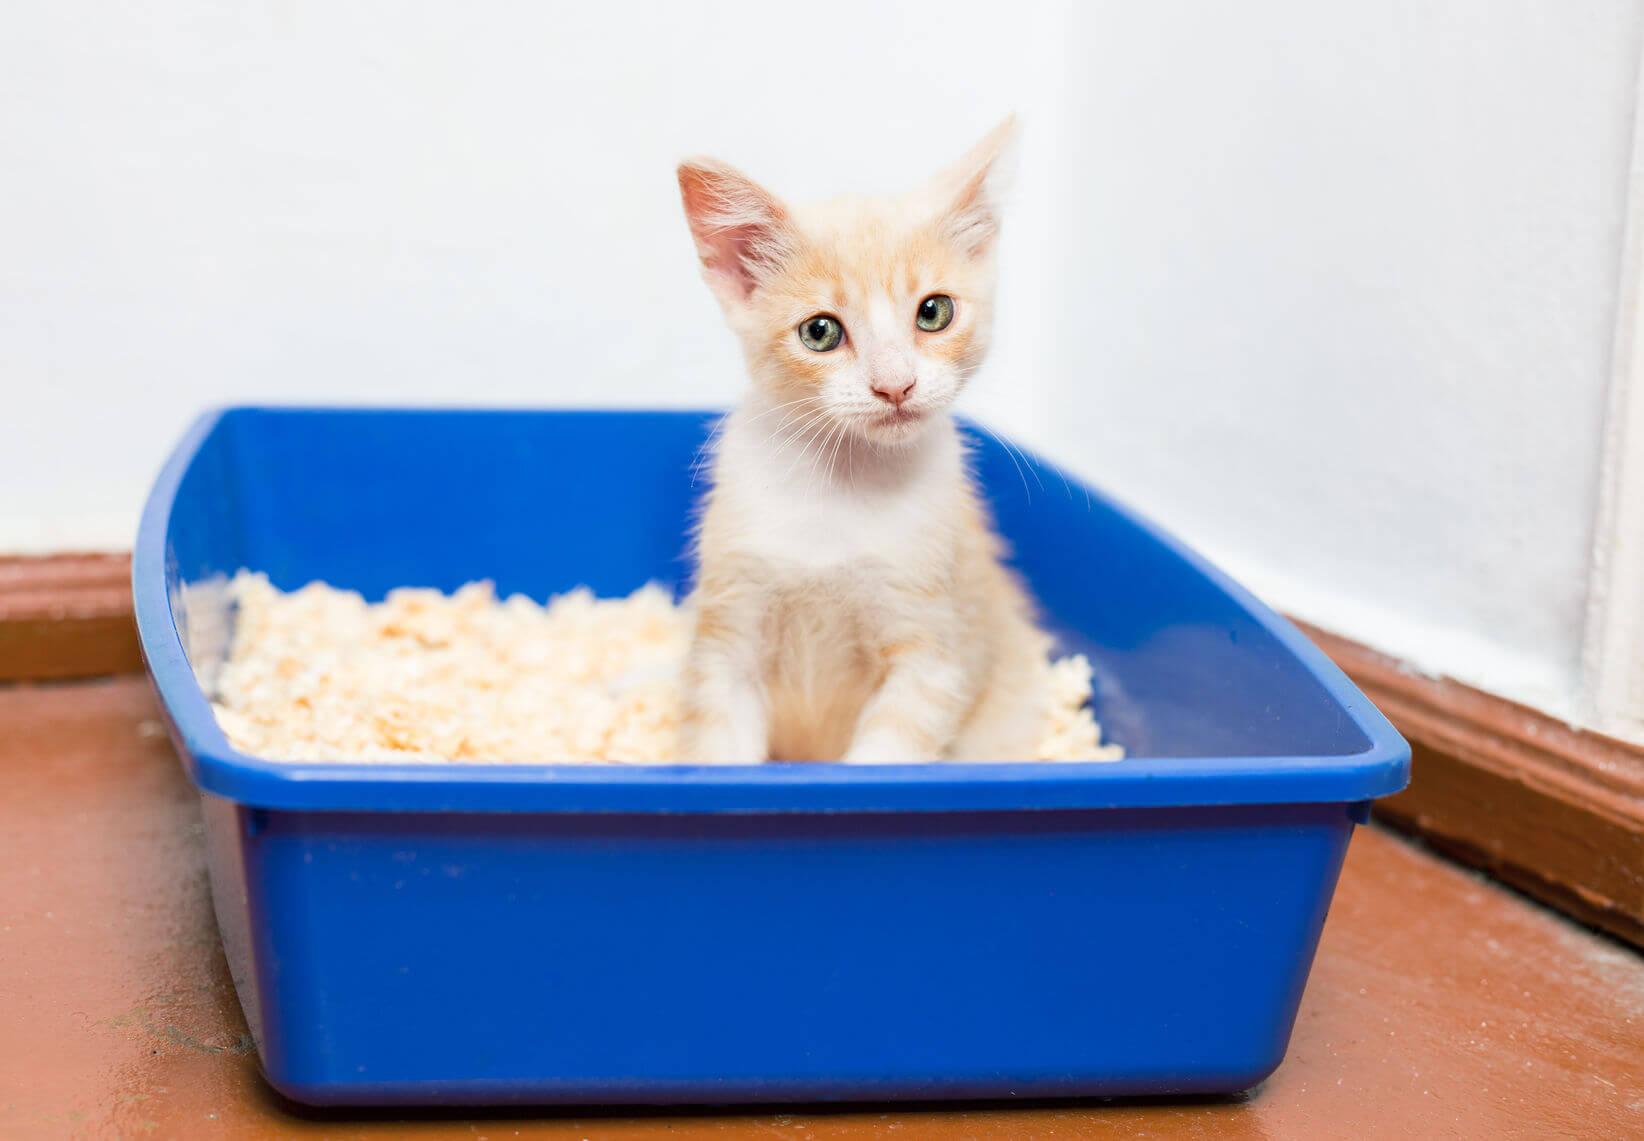 Litter Train Kittens